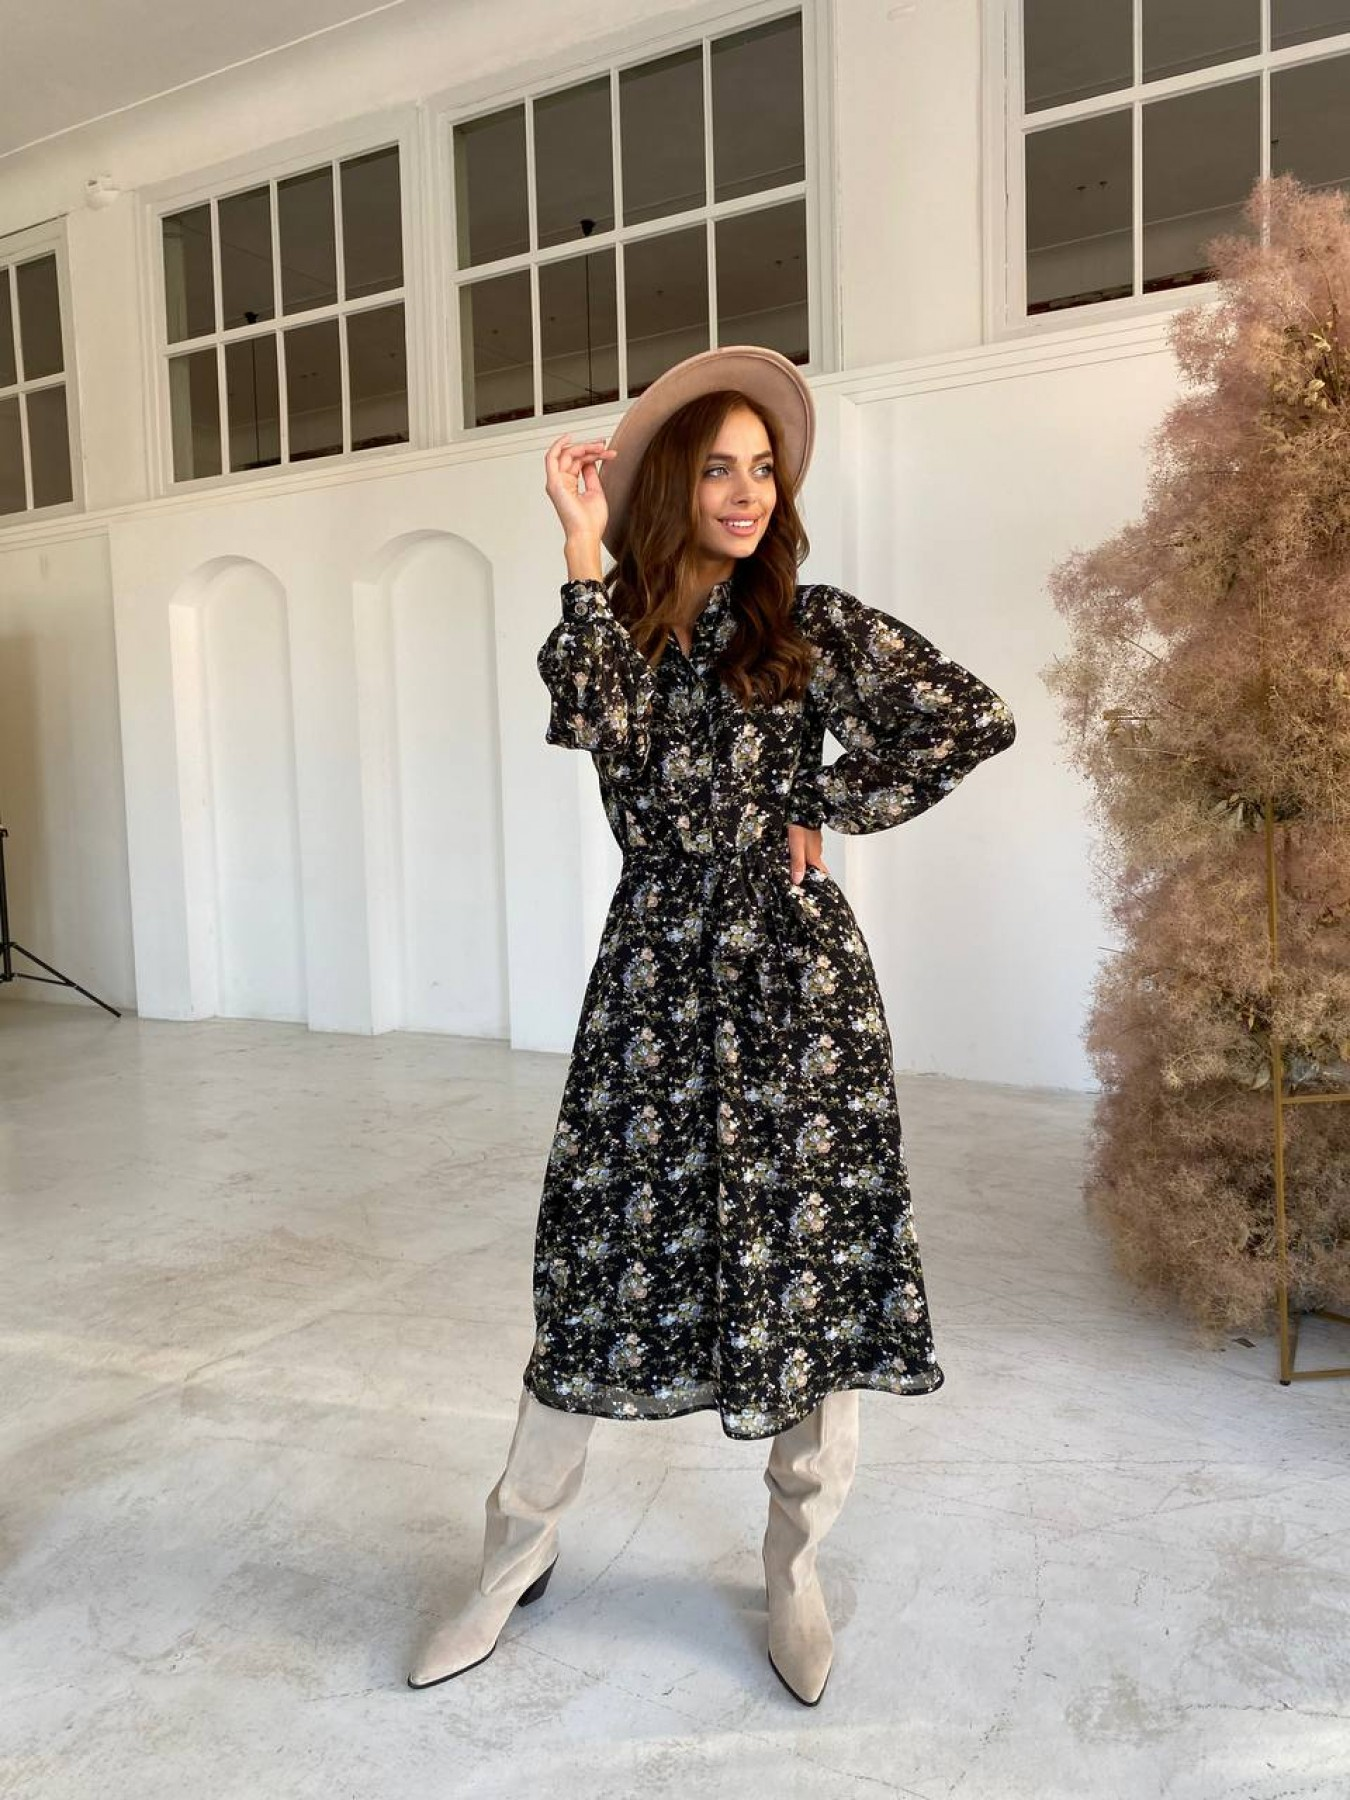 Жасмин платье из  шифона микро принт с длинным рукавом не стрейч 11685  АРТ. 48424 Цвет: Черный/беж/голубой/БукетЦв - фото 3, интернет магазин tm-modus.ru